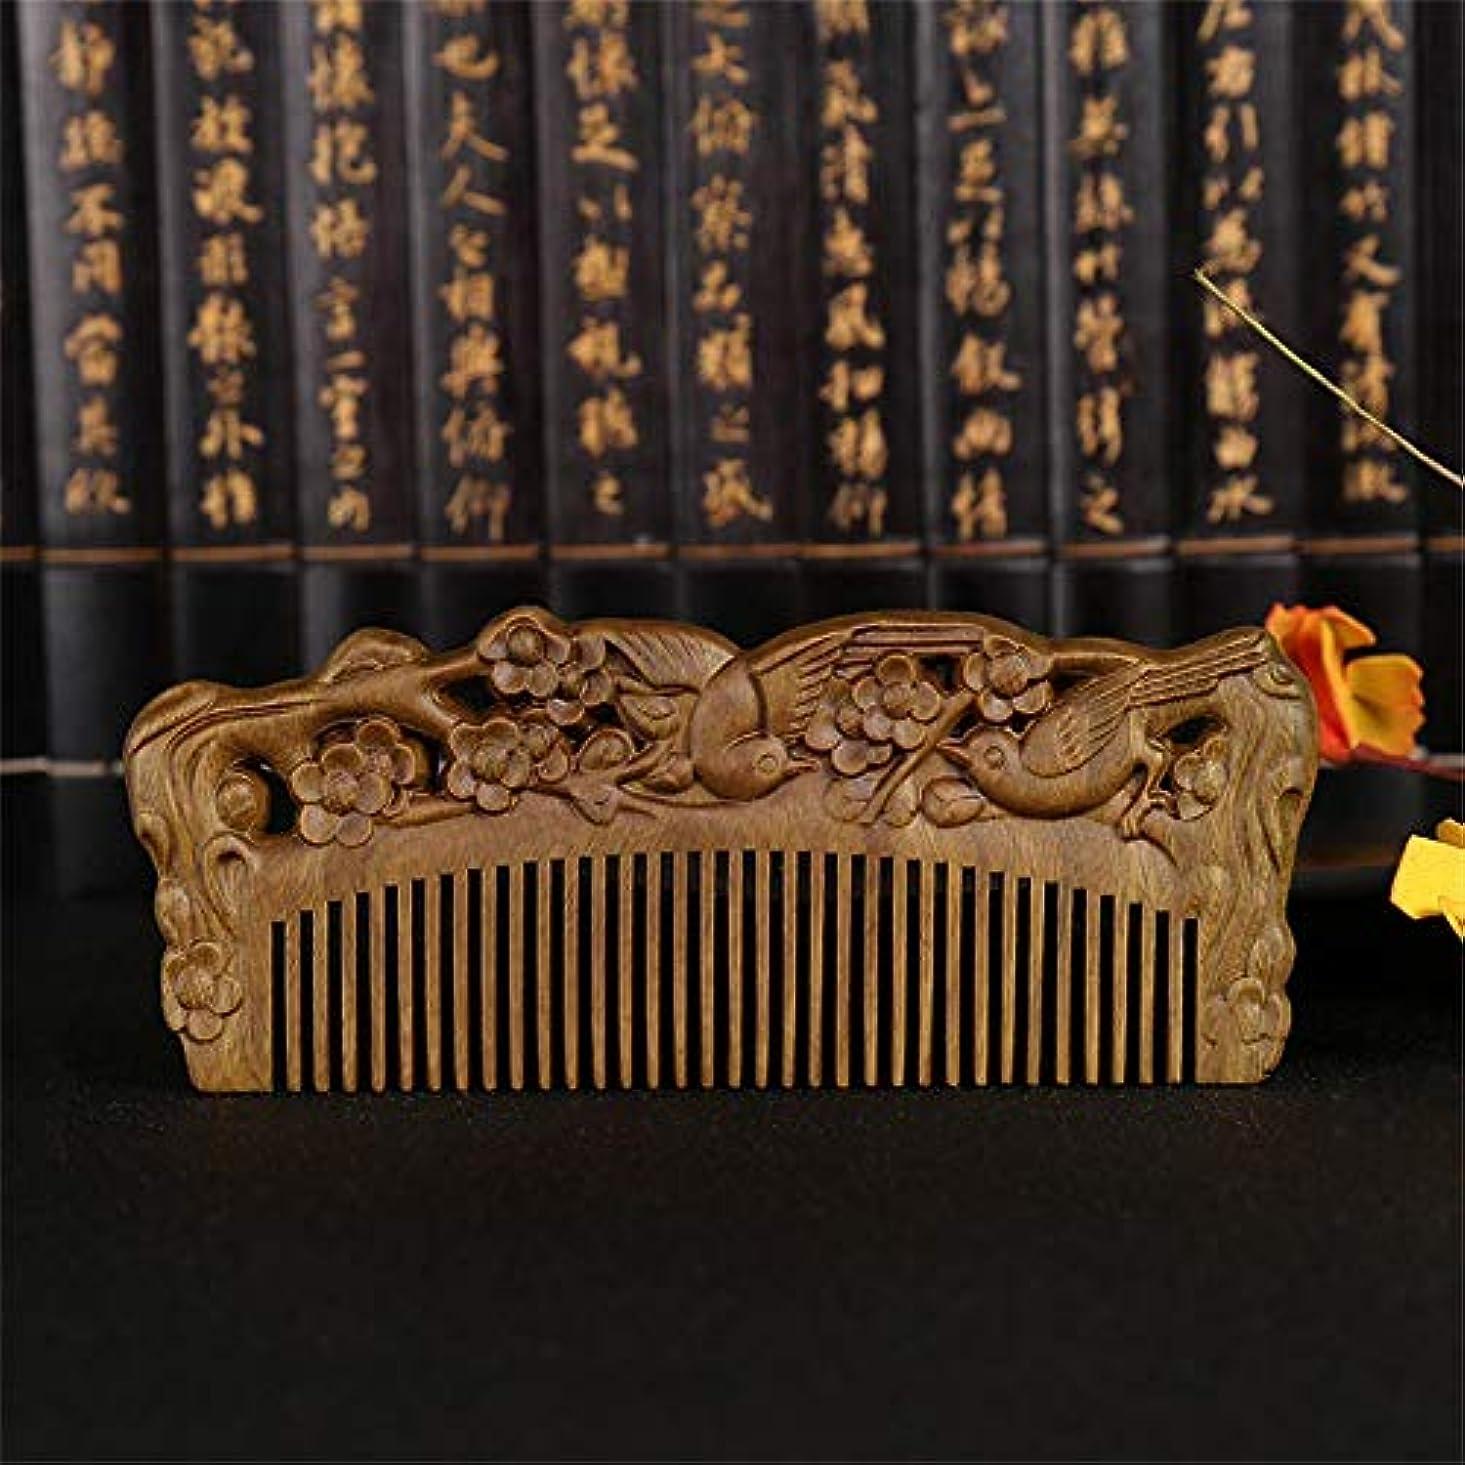 玉無限通訳くしヘアケア帯電防止木製ヘアマッサージナチュラルウッド モデリングツール (PATTERN : Swallow)